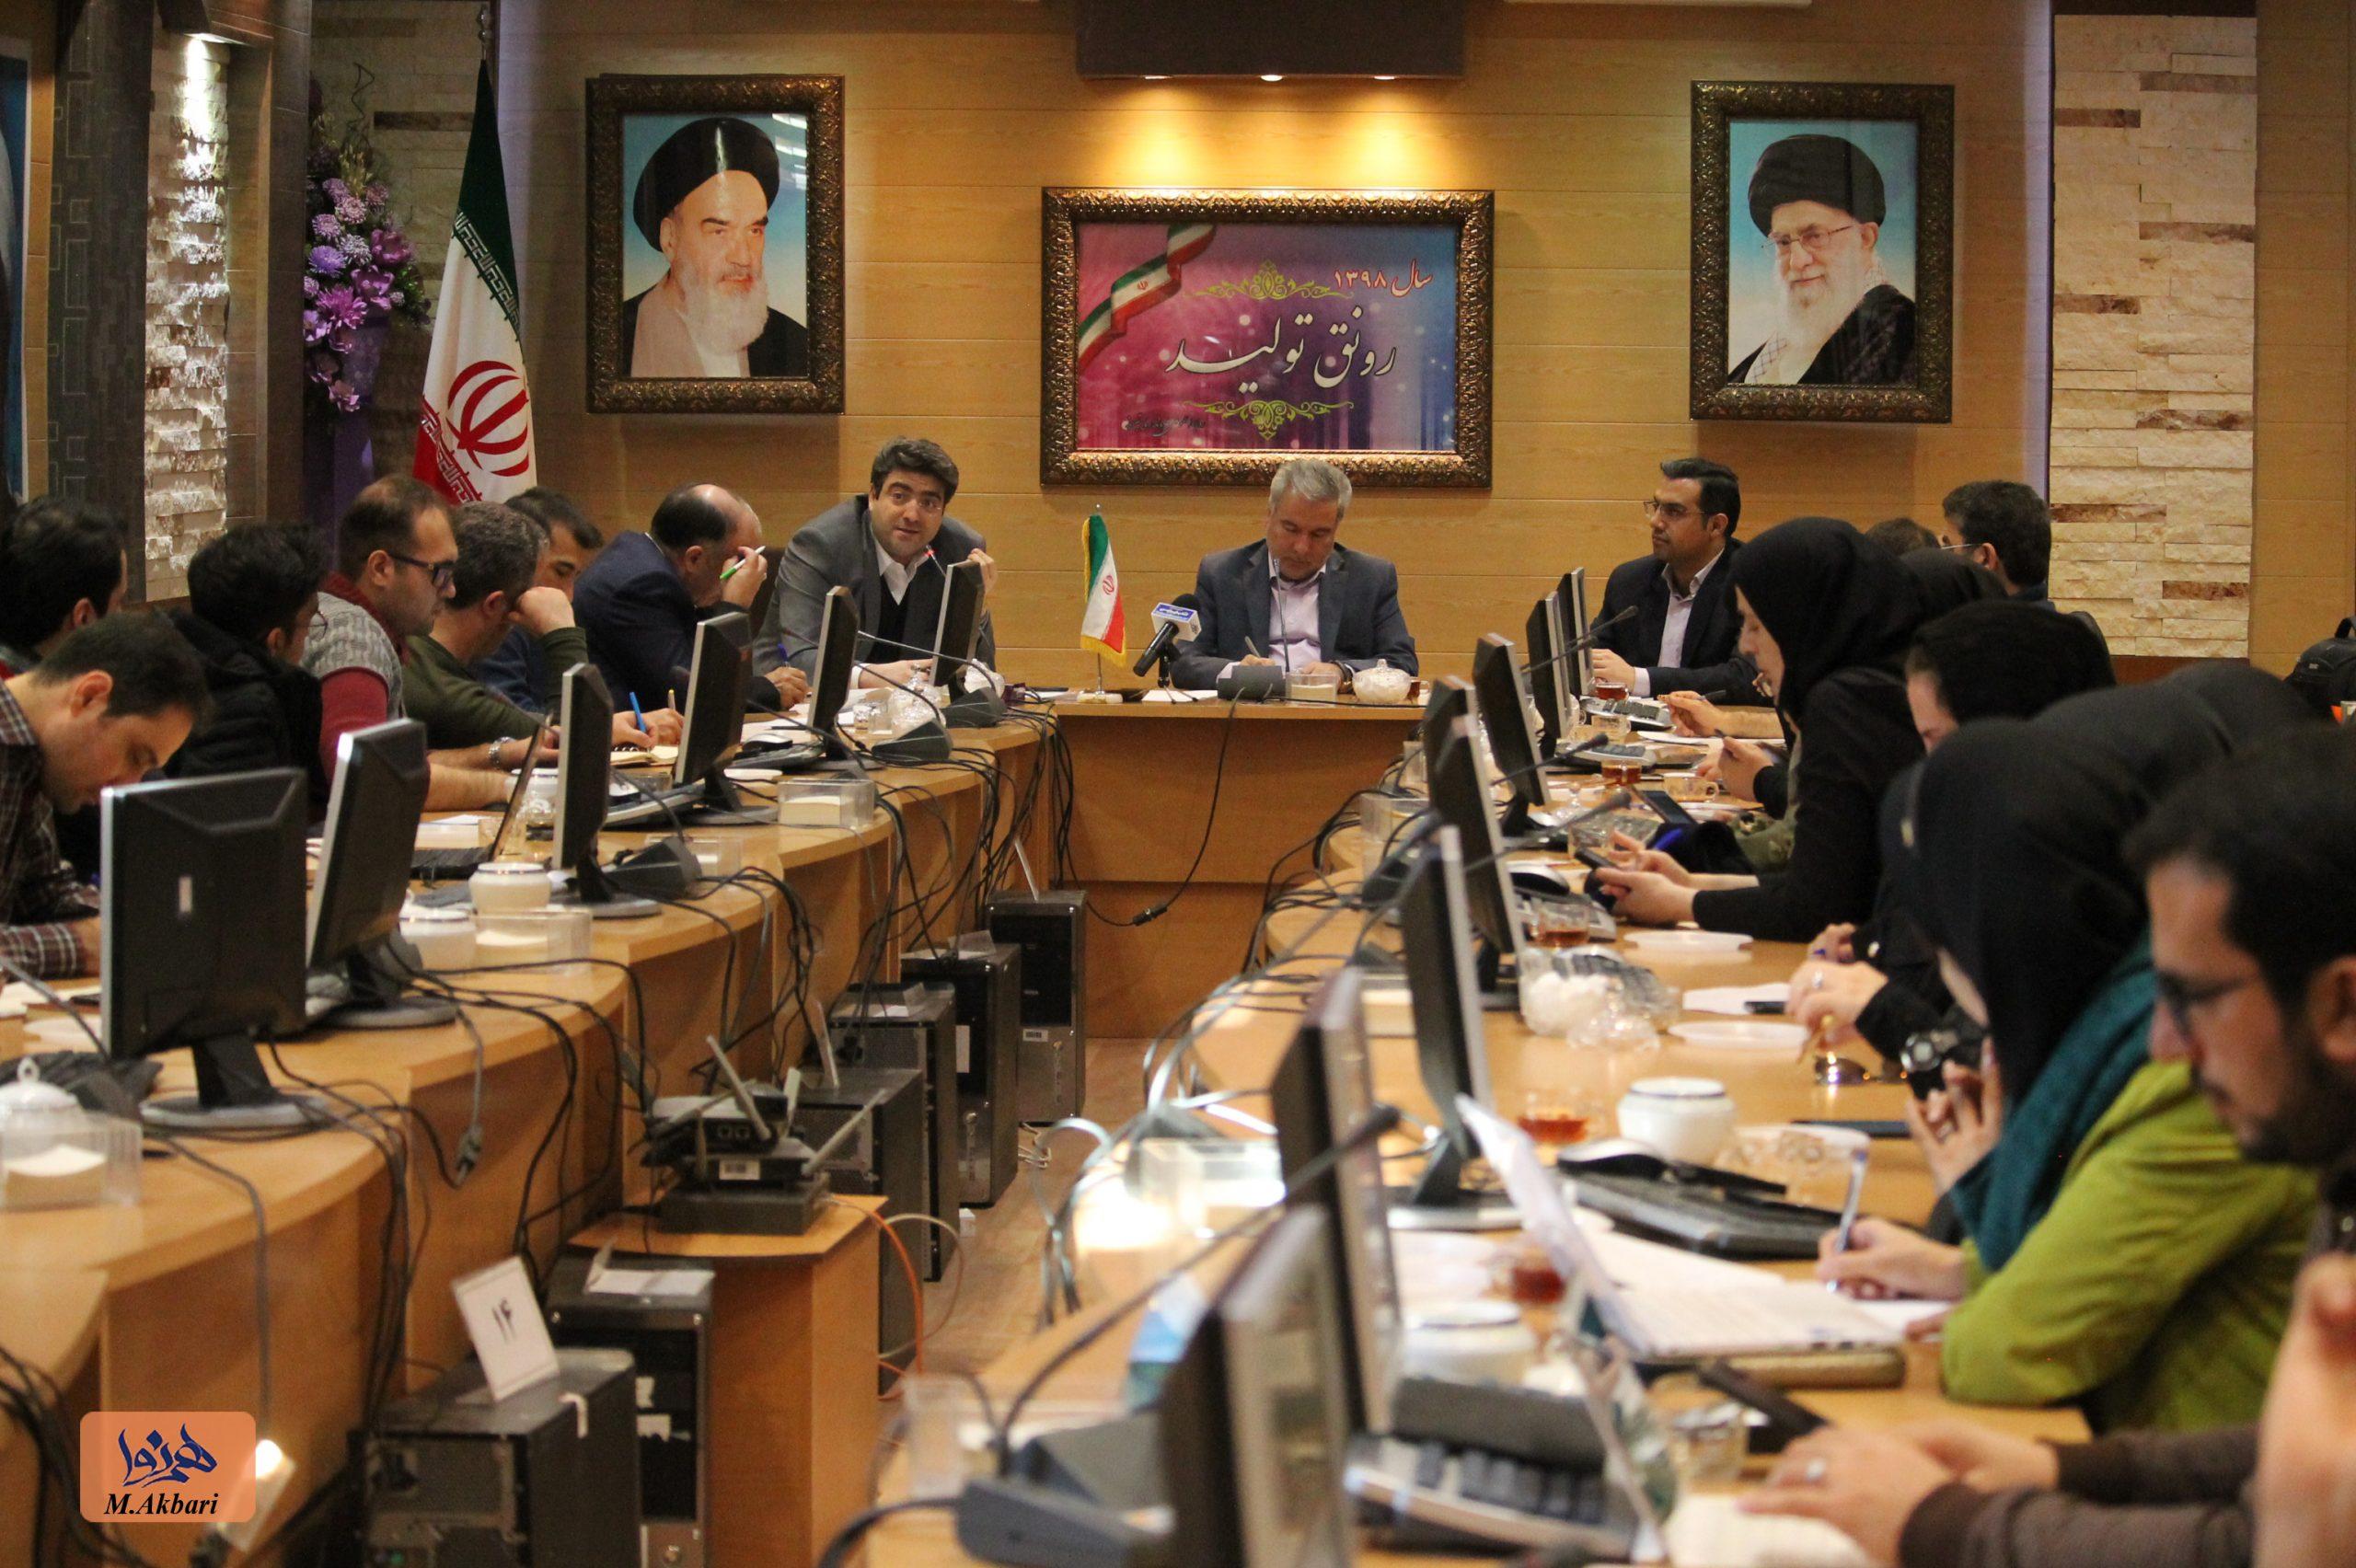 تشریح فعالیت های فرمانداری برای آغاز فرآیند انتخابات مجلس شورای اسلامی